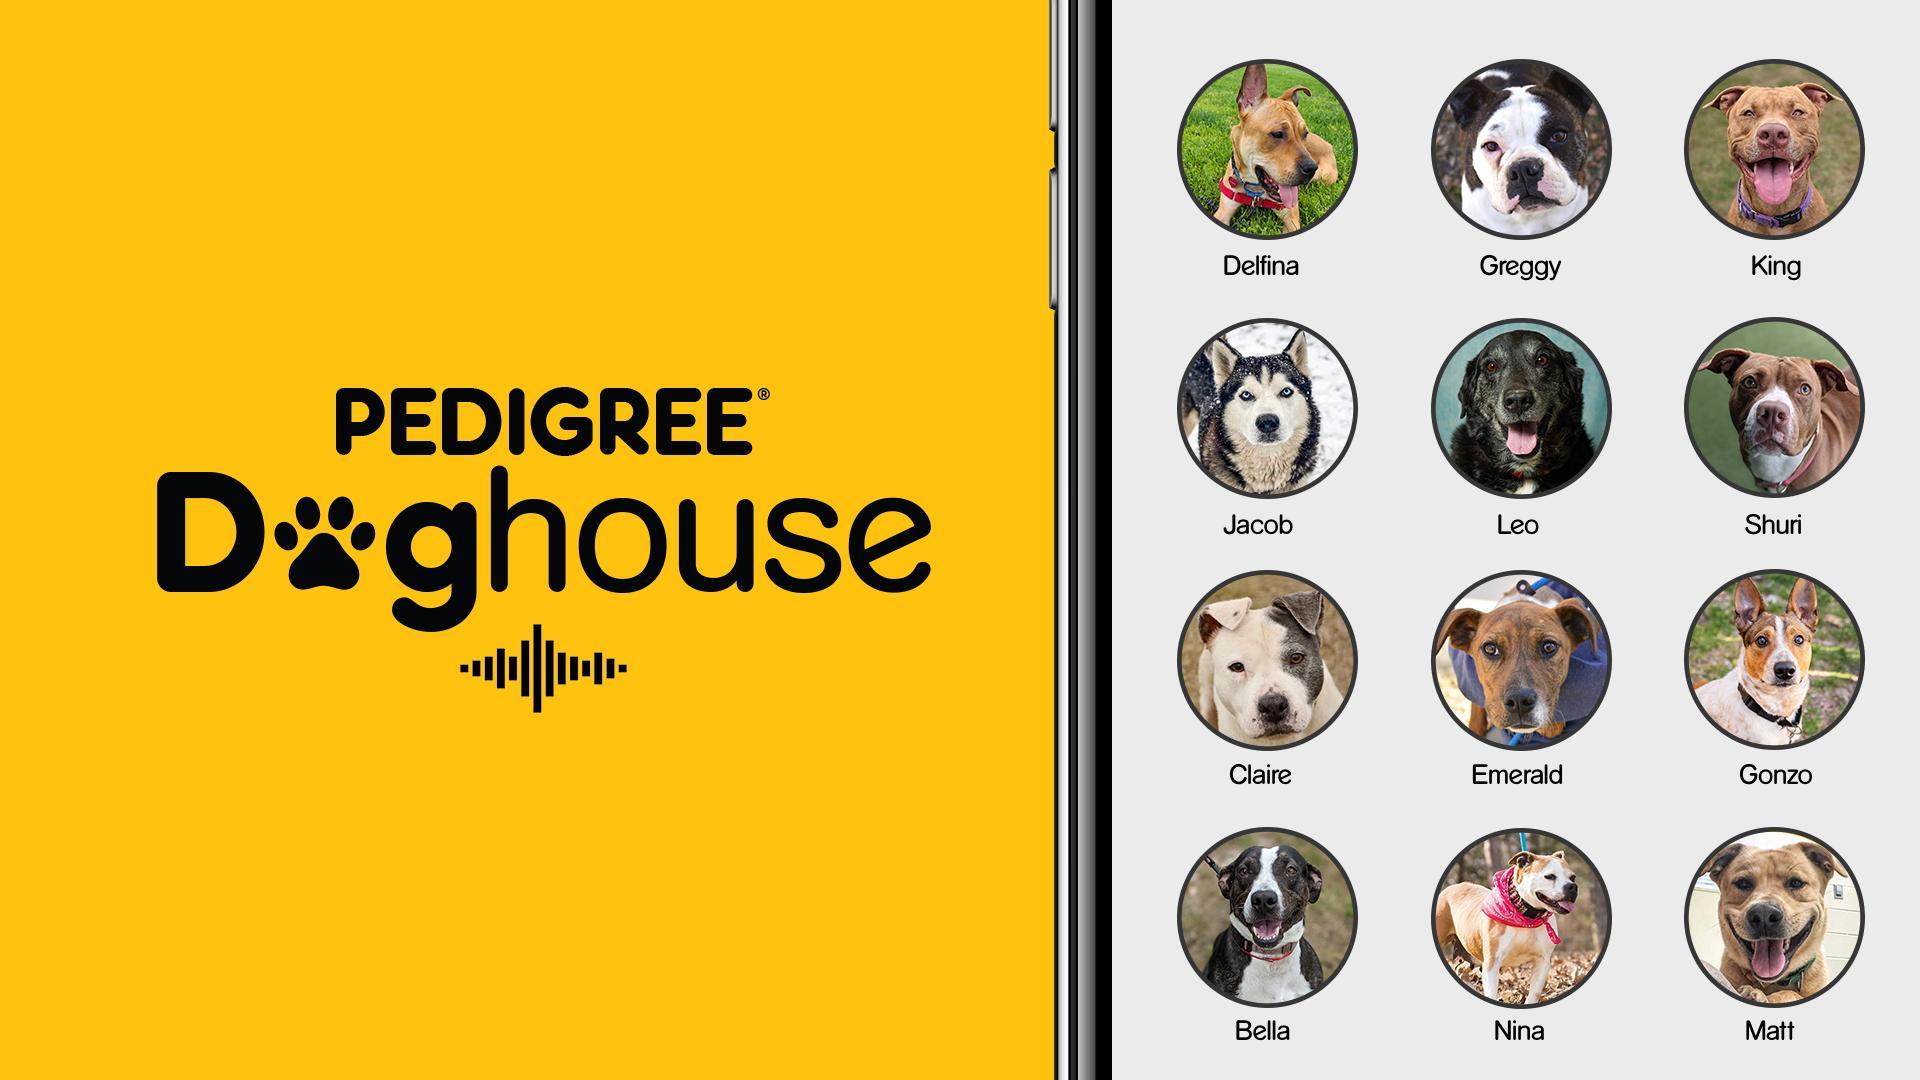 Породные собачьи будки в приложении Clubhouse